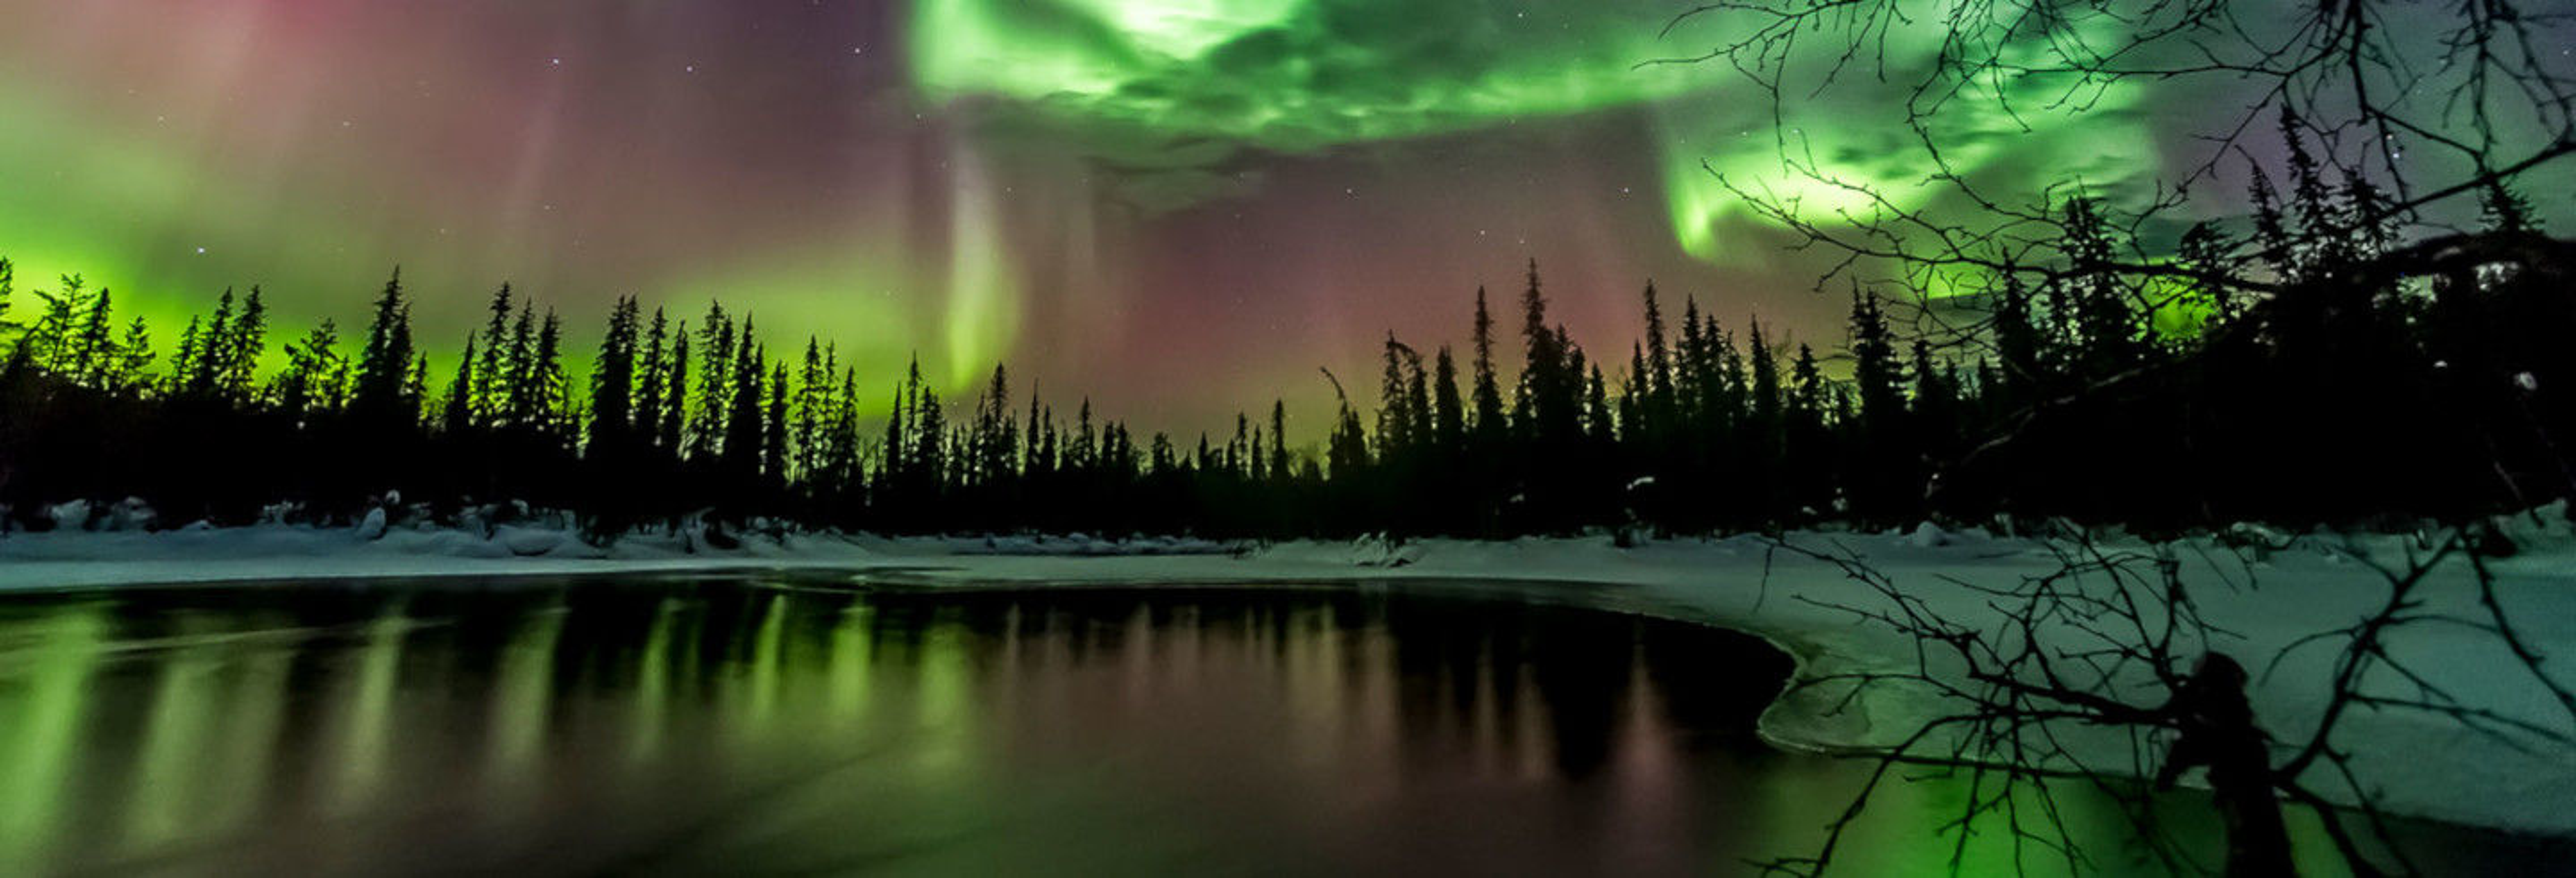 Excursion à la découverte des aurores boréales